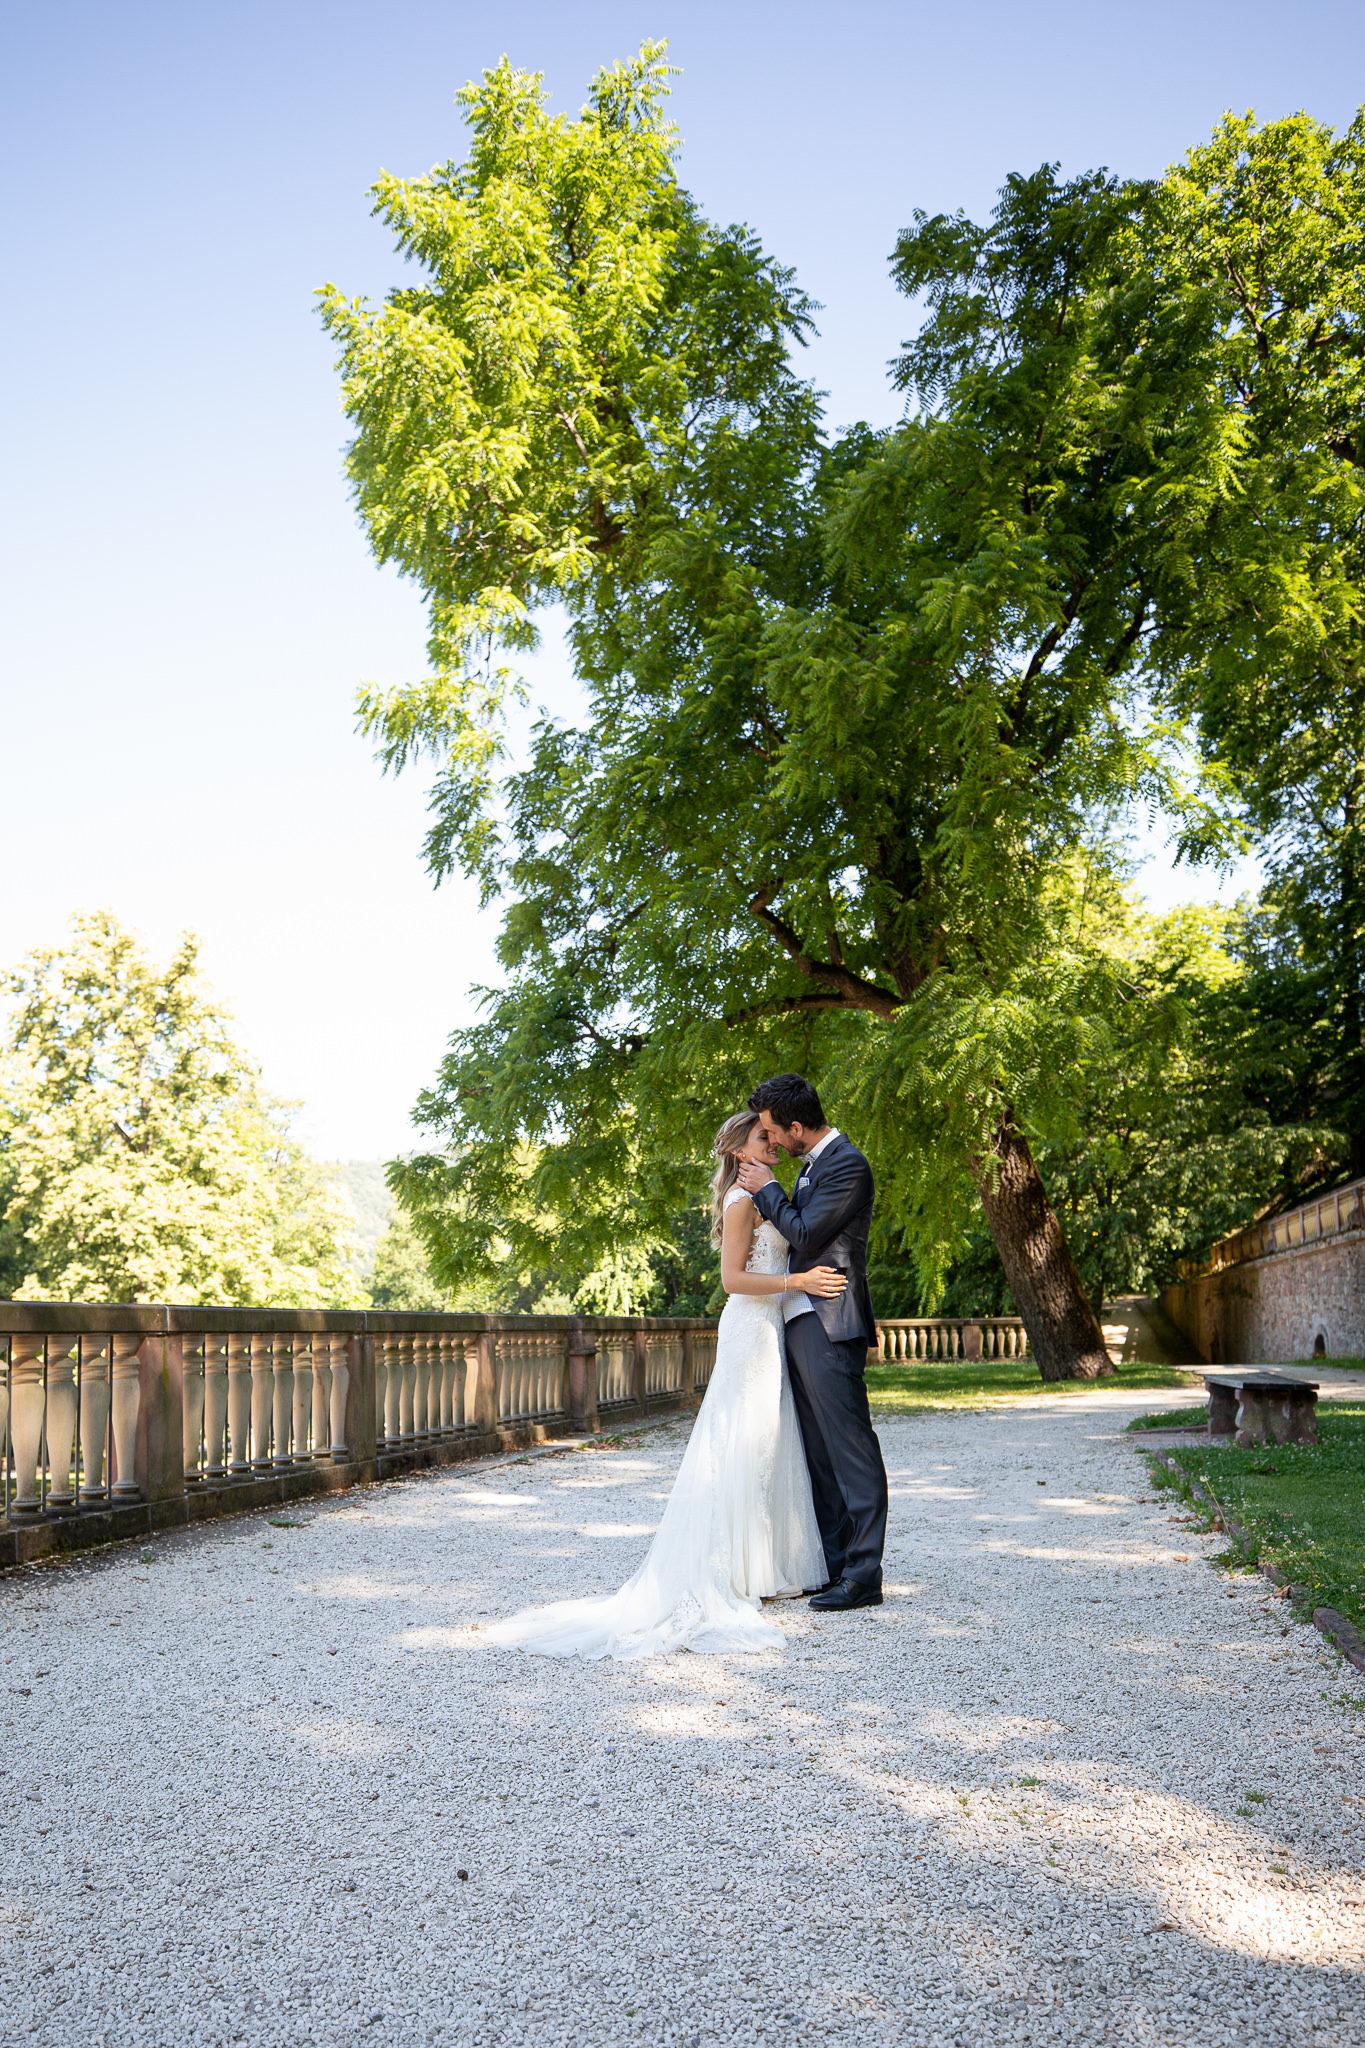 junges Brautpaar steht im Park mit großen Bäumen zärtlich umarmend bereit zum Kuss. After Wedding Shoot in Heidelberg Schloßpark